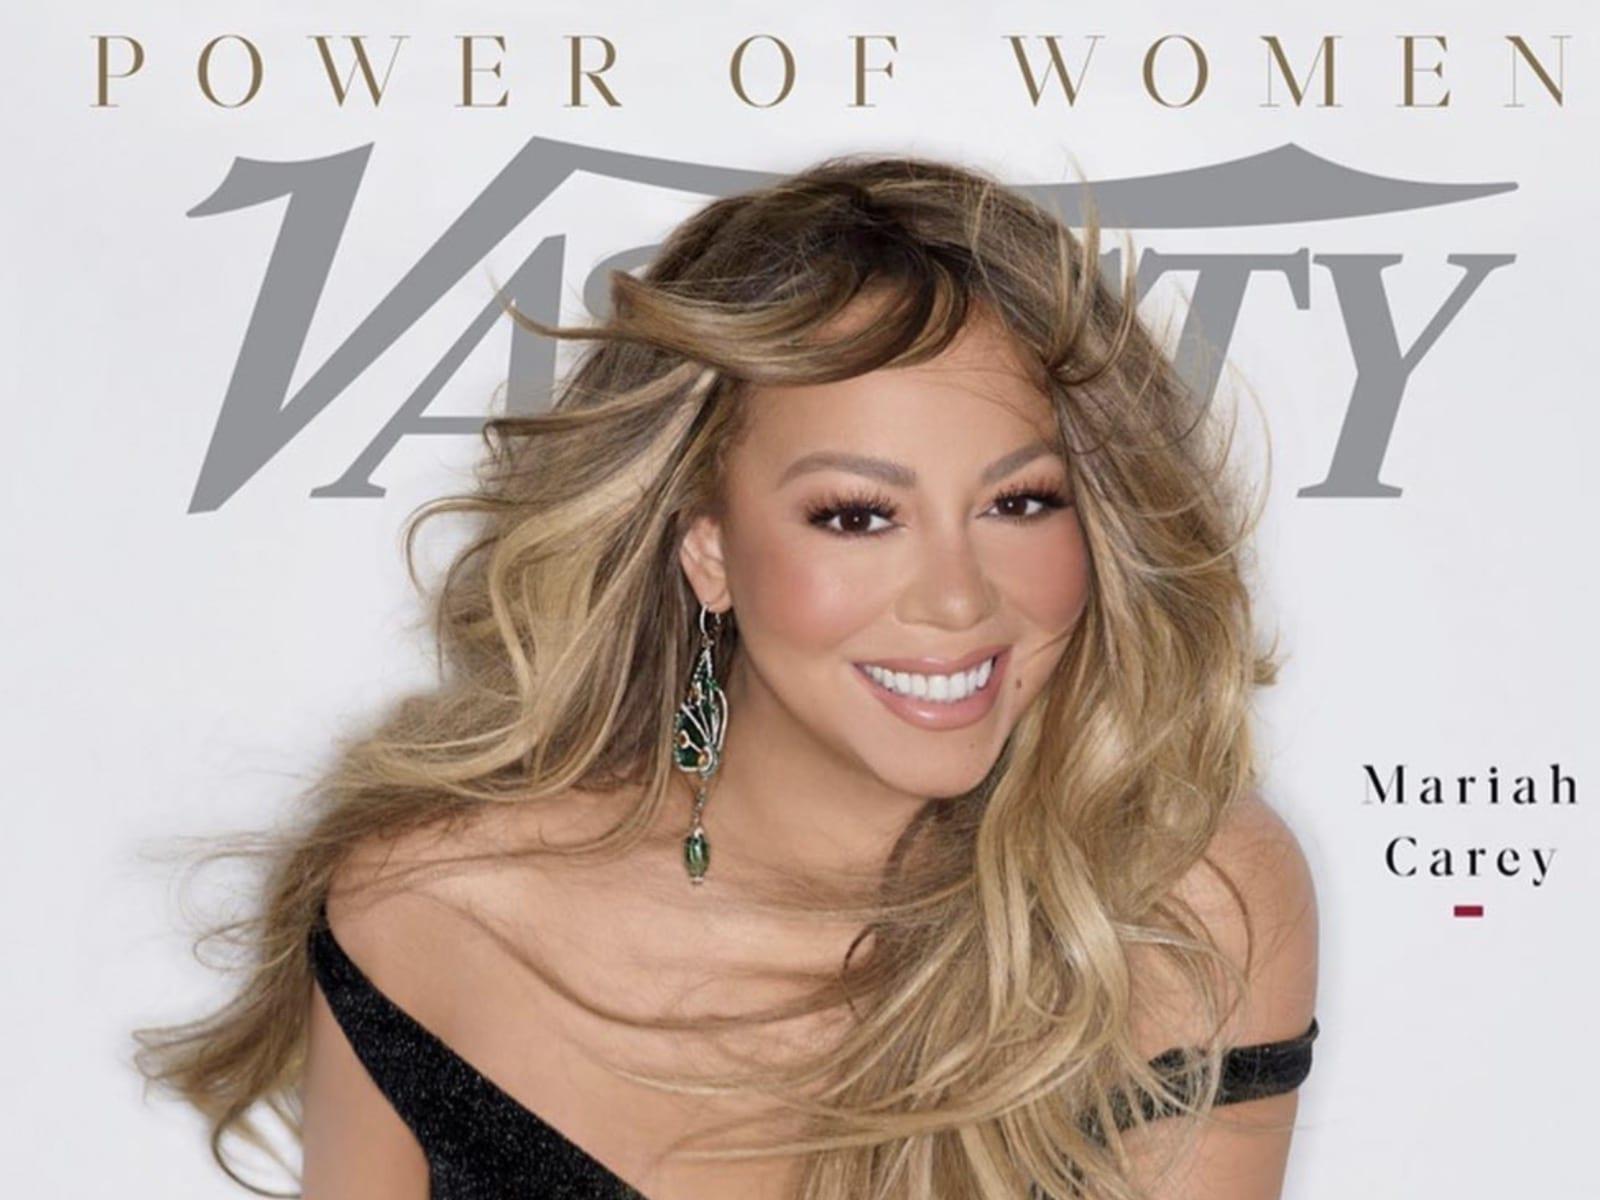 Mariah Carey Variety